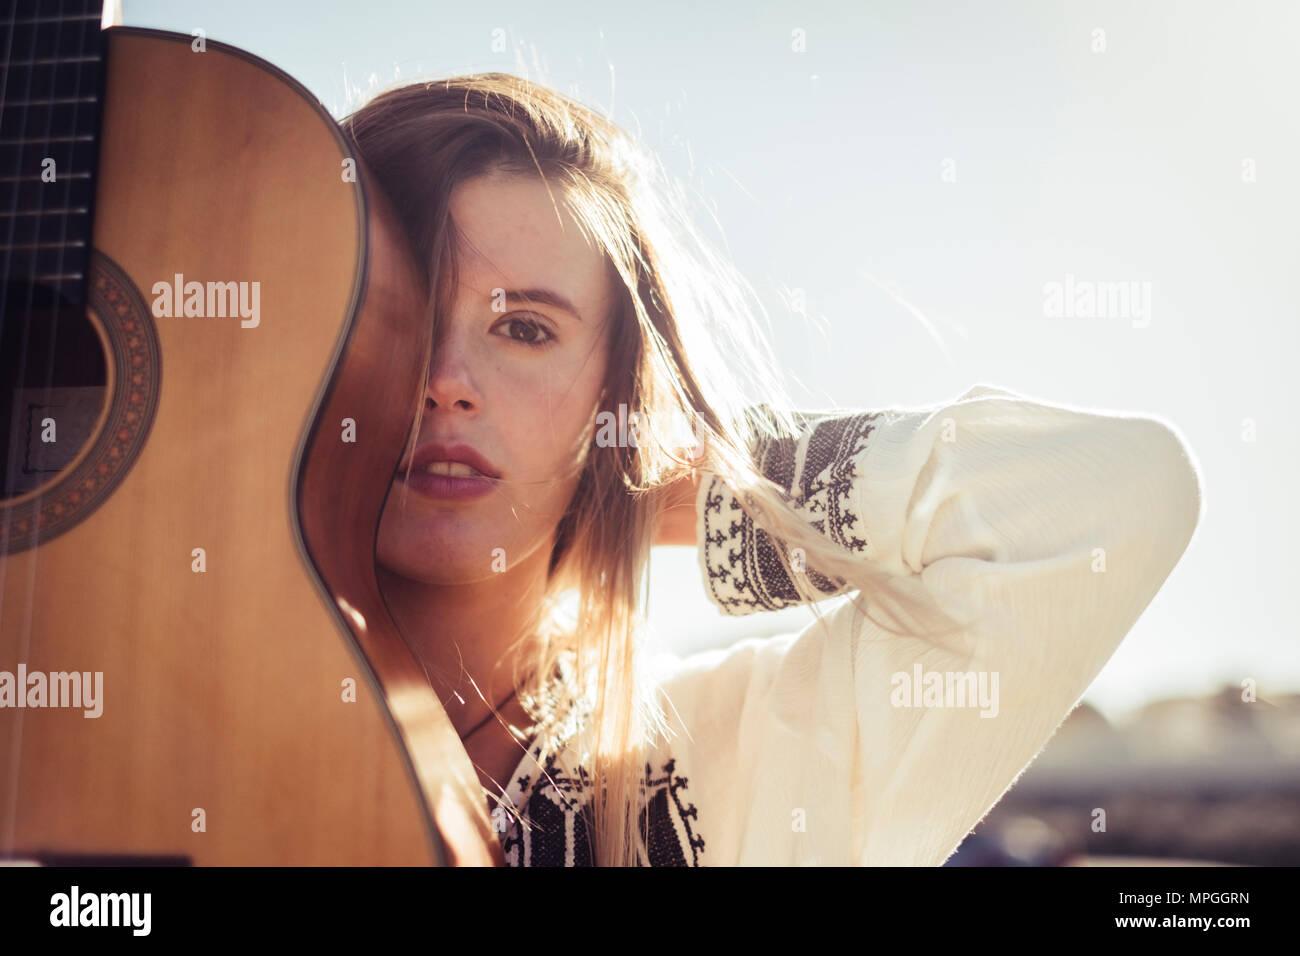 Rebel und Outdoor Reise Fernweh, concpet mit schönen blonden kaukasische Mädchen mit einer akustischen Gitarre genießen Sie den Ort und die Reise Stockbild